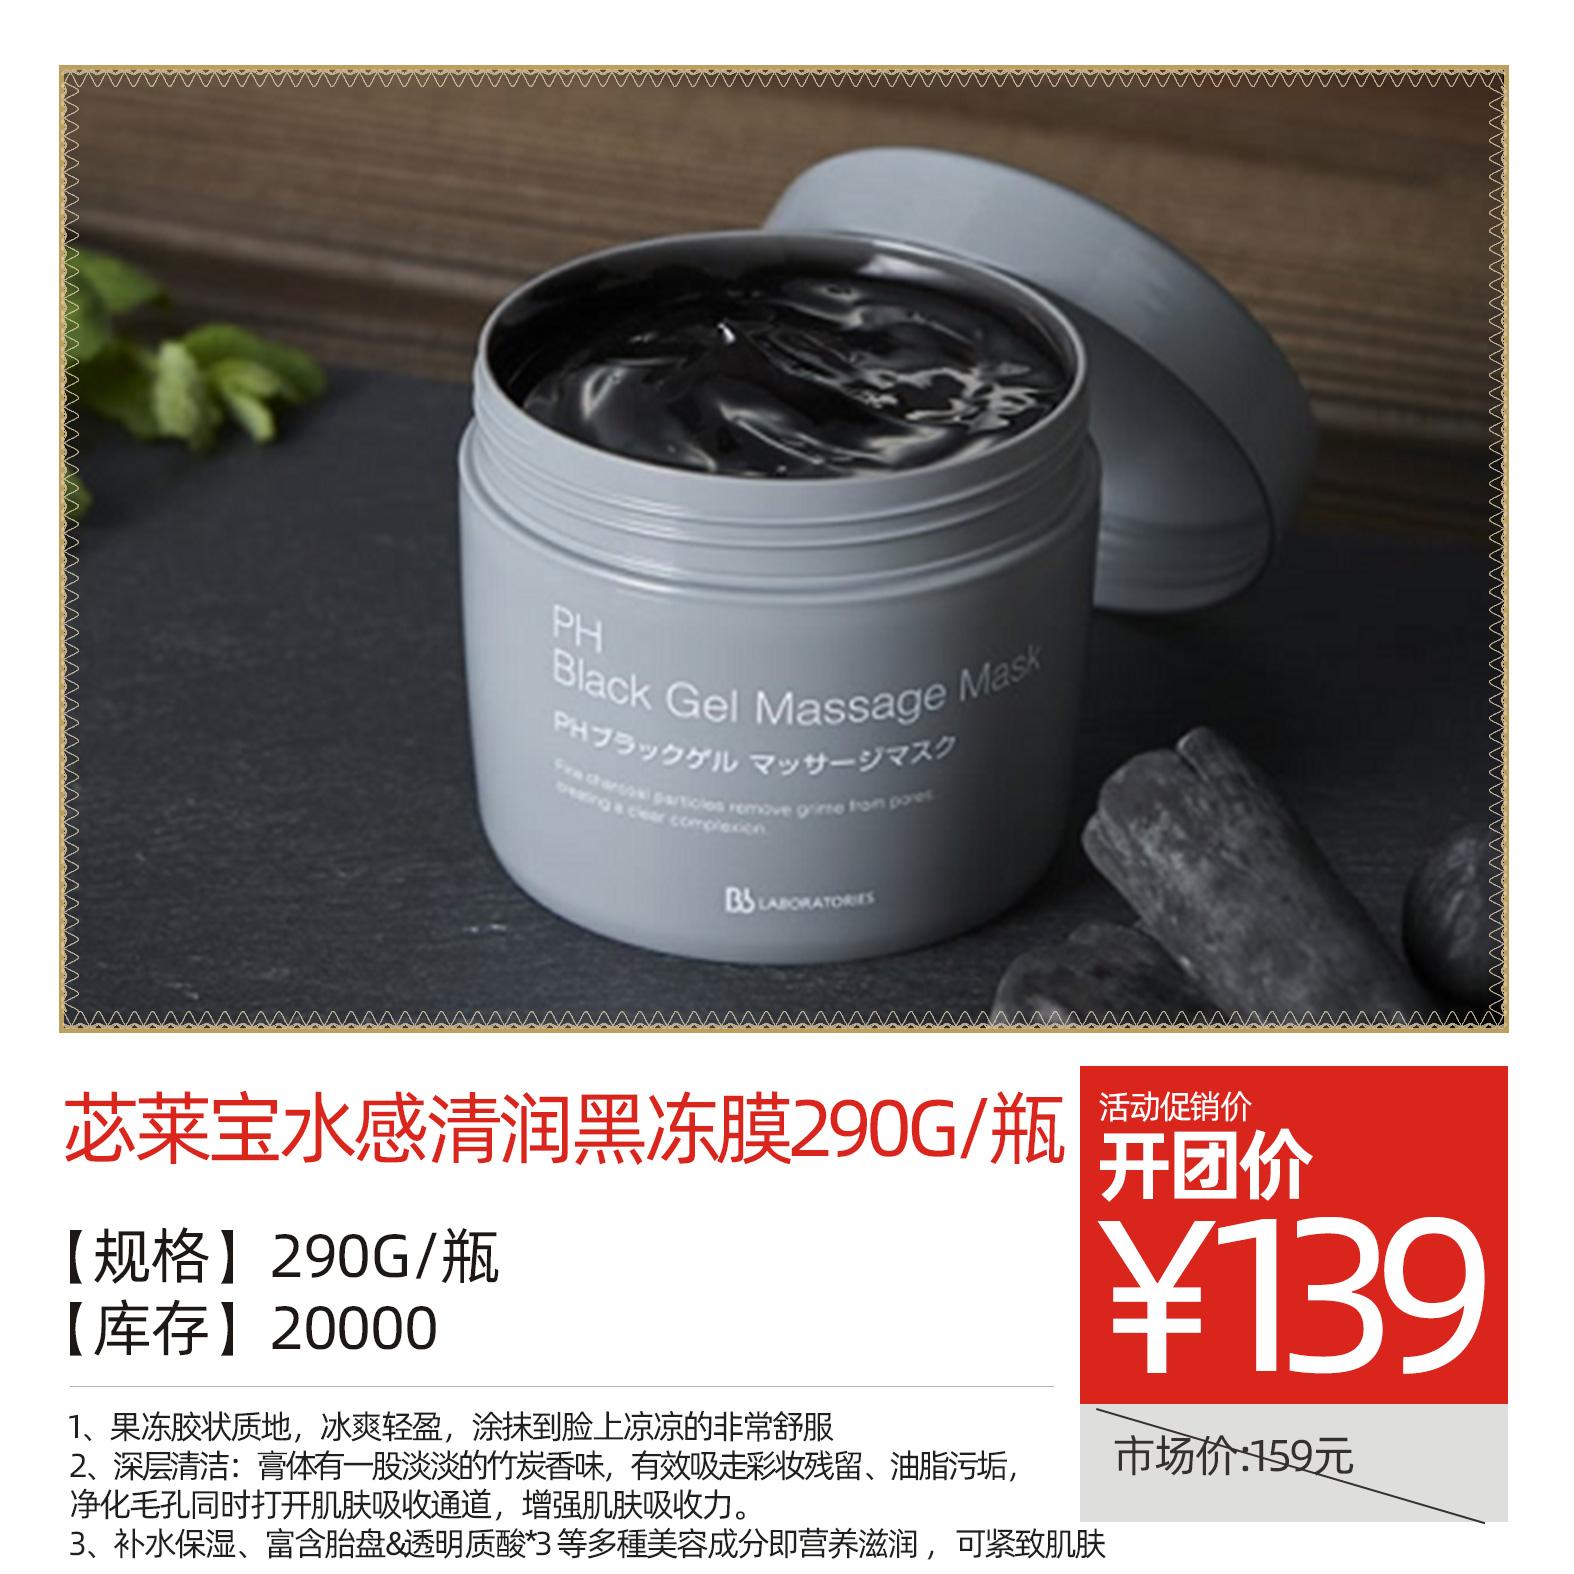 苾莱宝水感清润黑冻膜290G/瓶